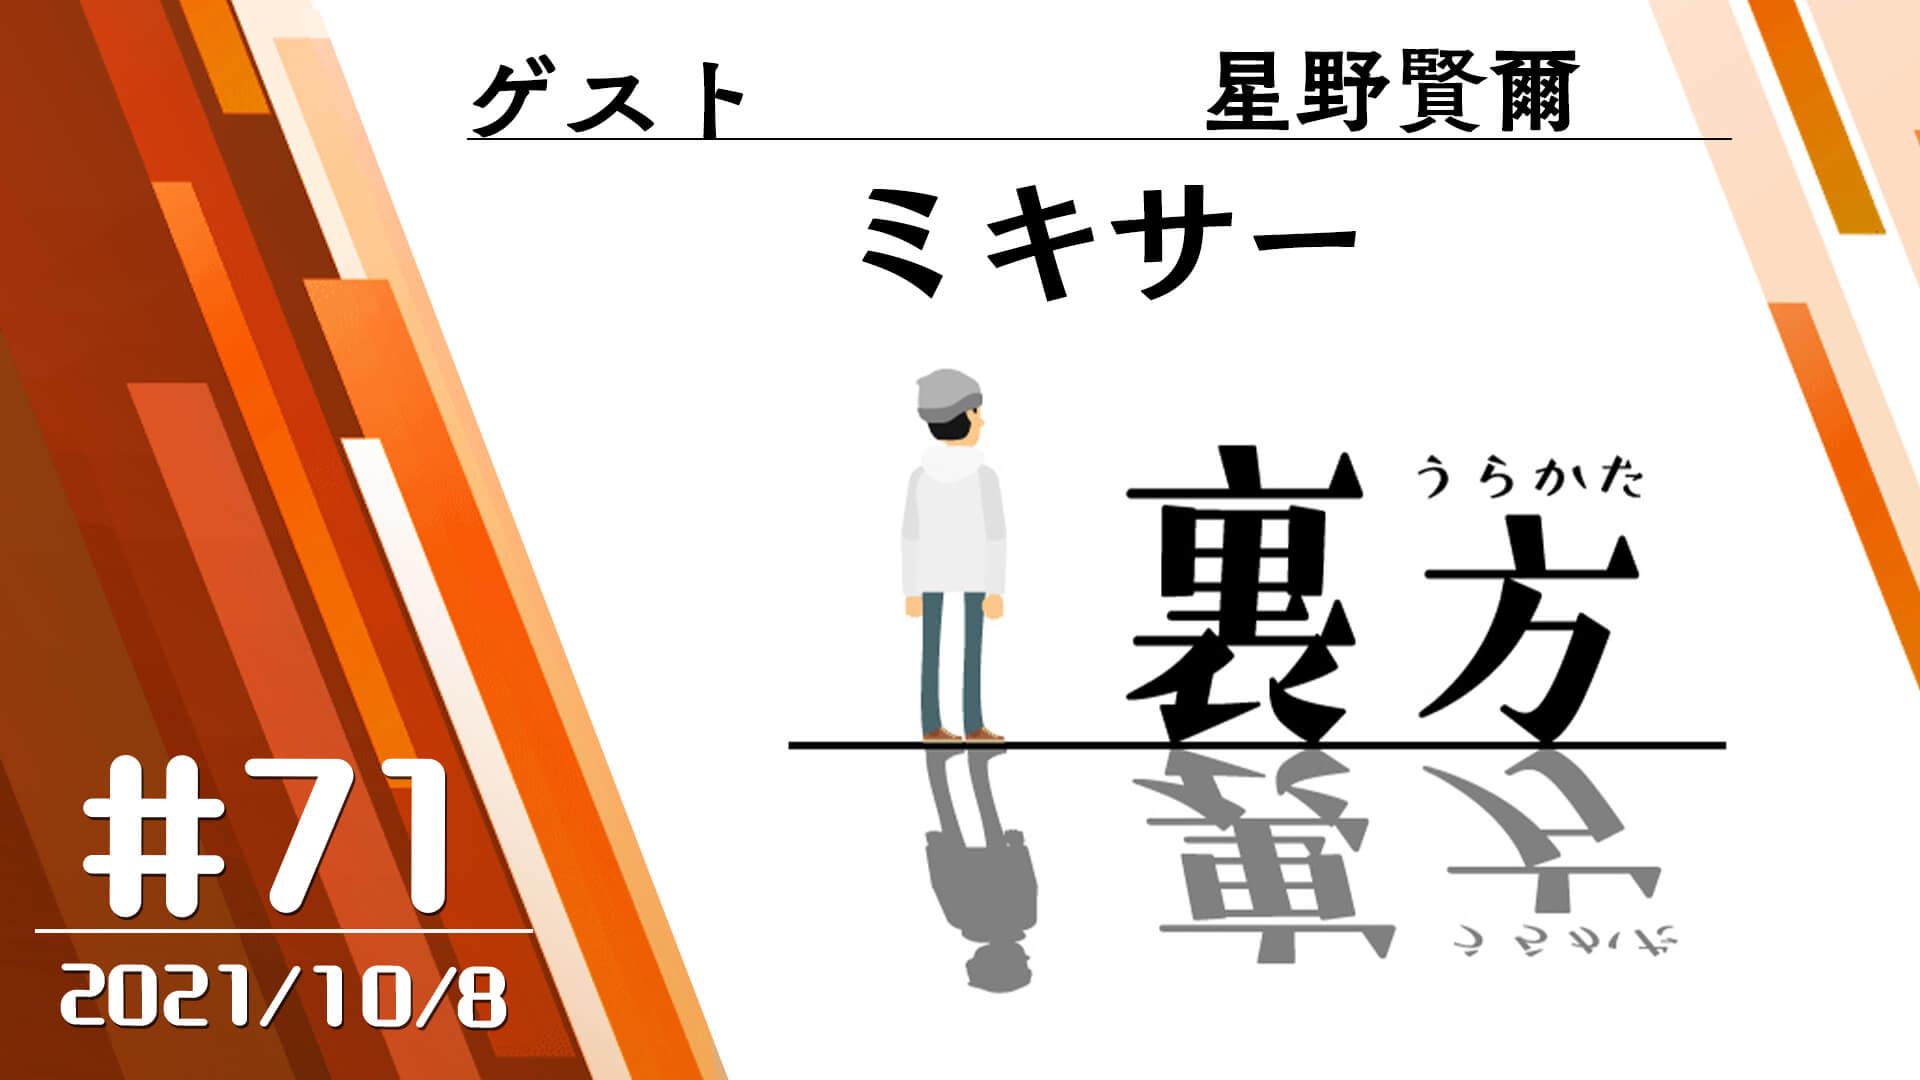 【ゲスト:ミキサー 星野賢爾さん】文化放送超!A&G+ 「裏方」#71 (2021年10月8日放送分)